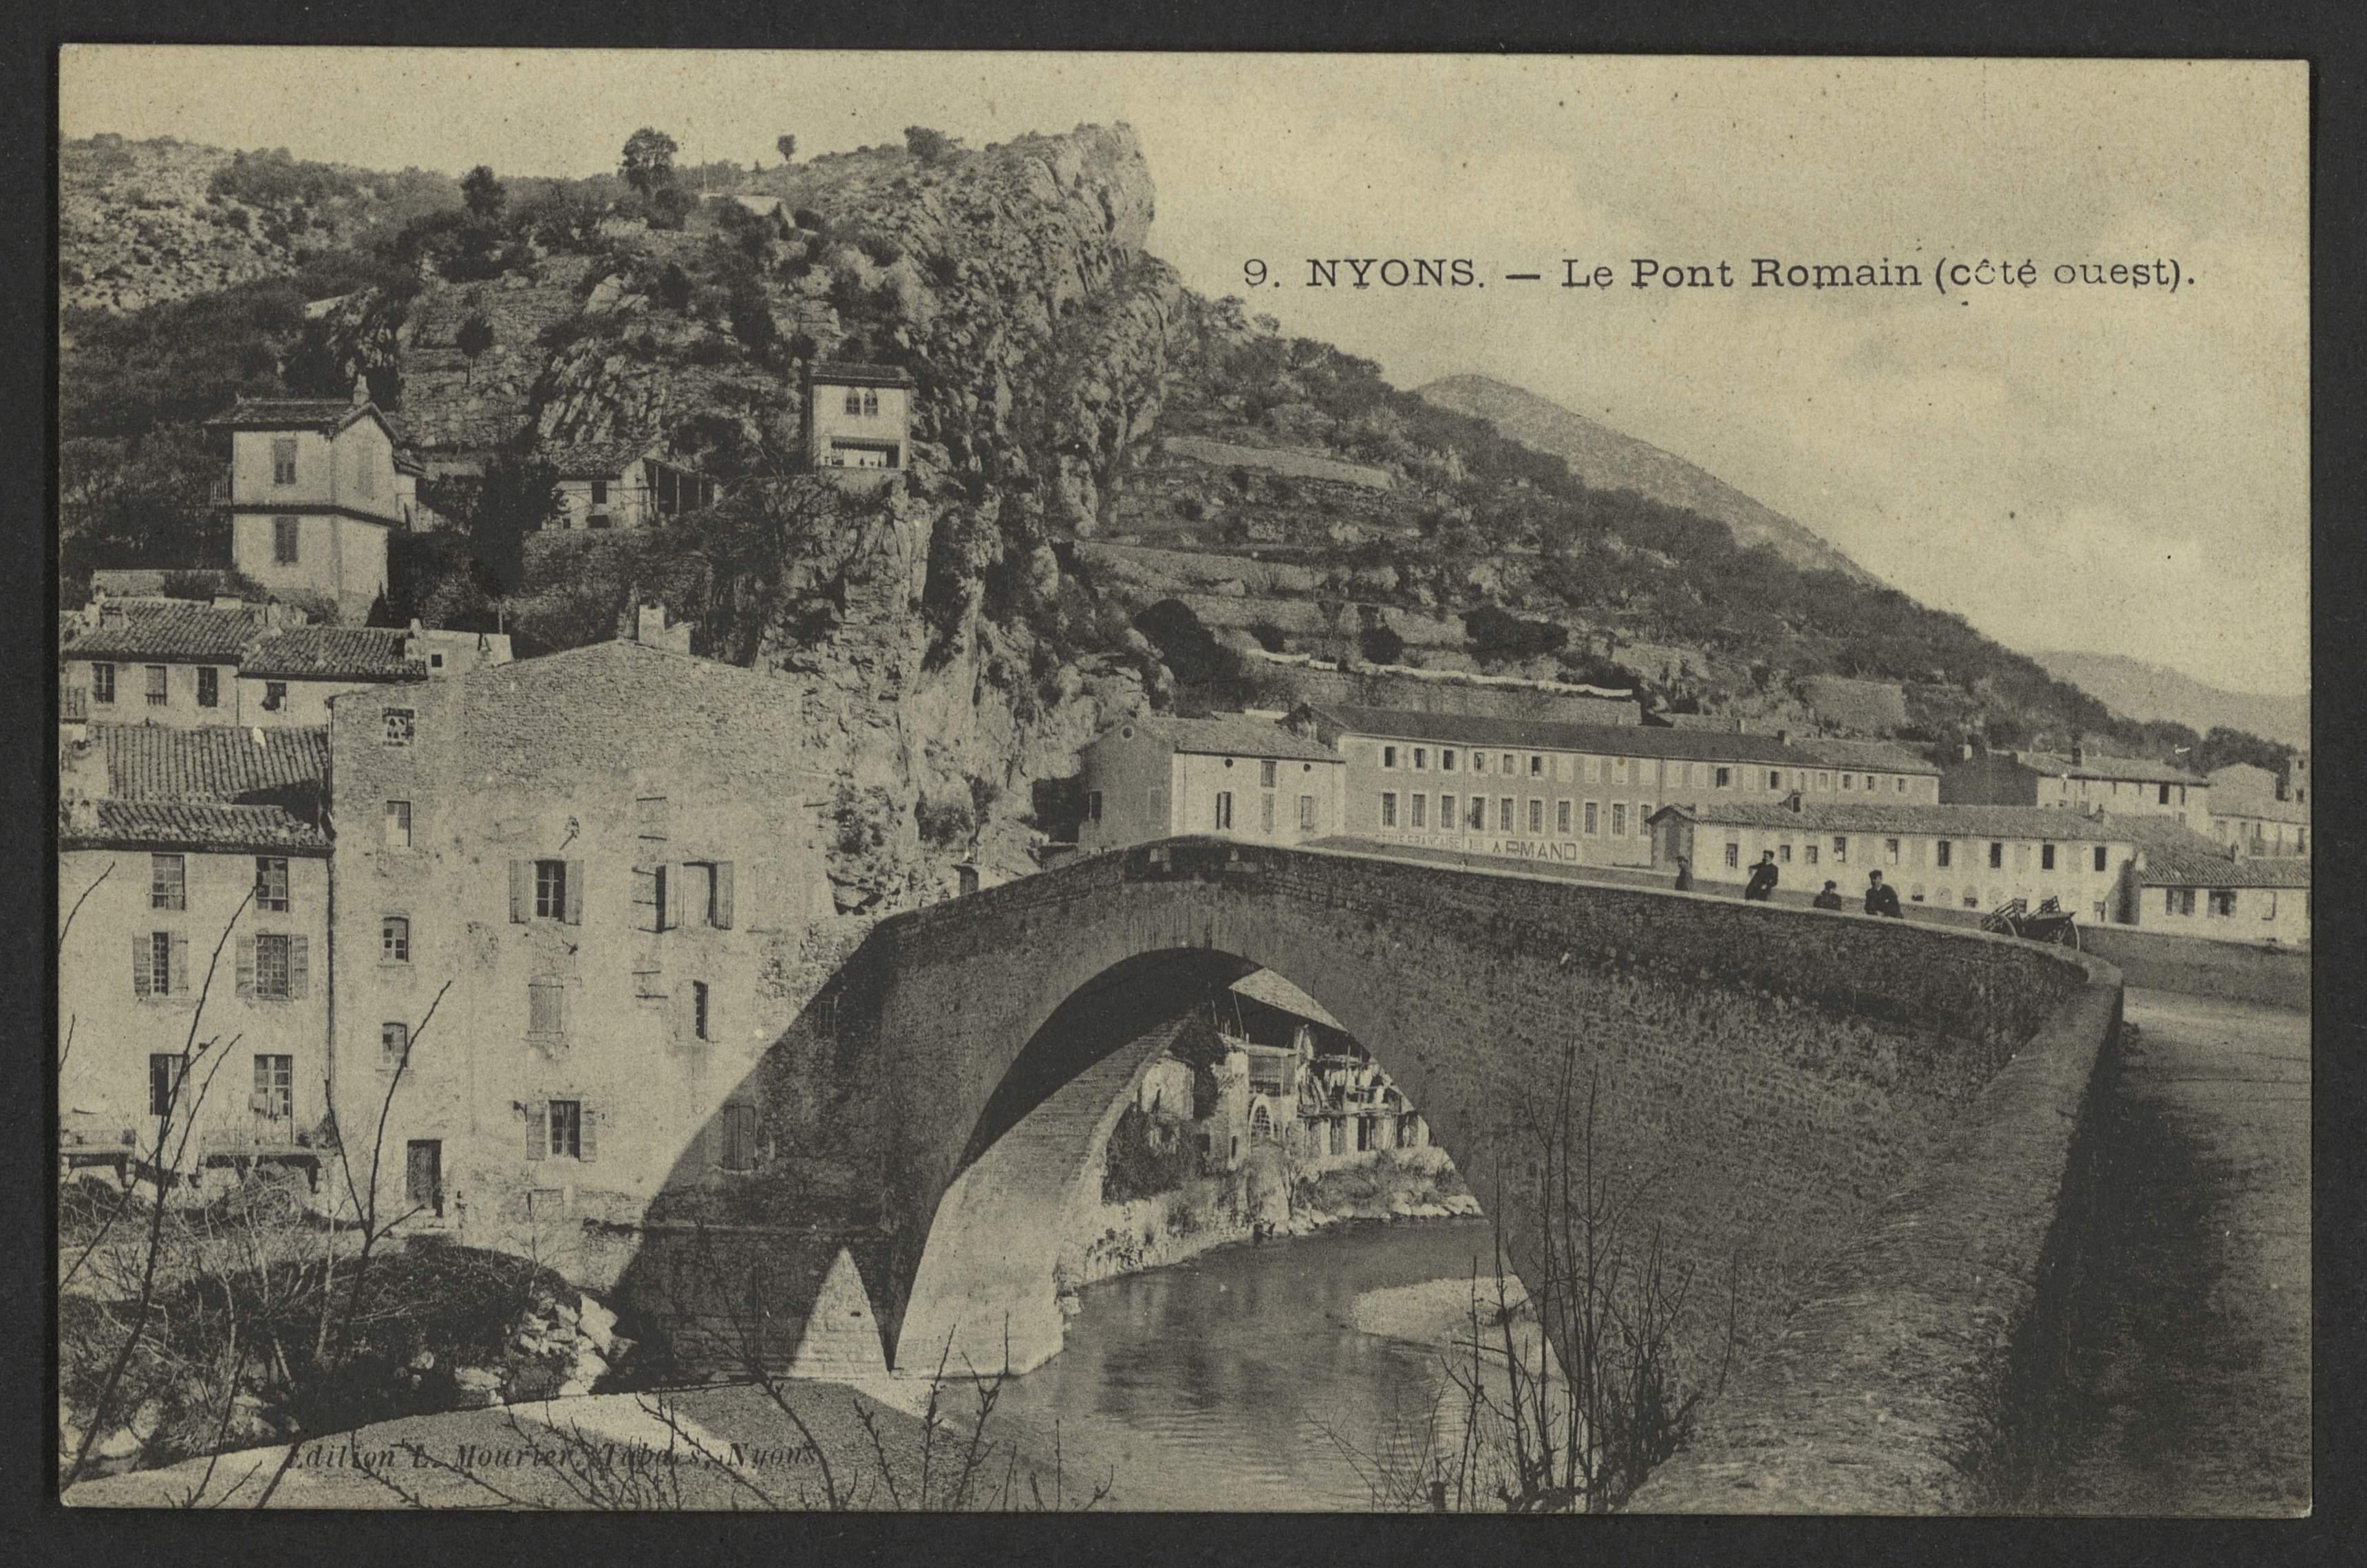 Nyons - Le pont romain (côté ouest)